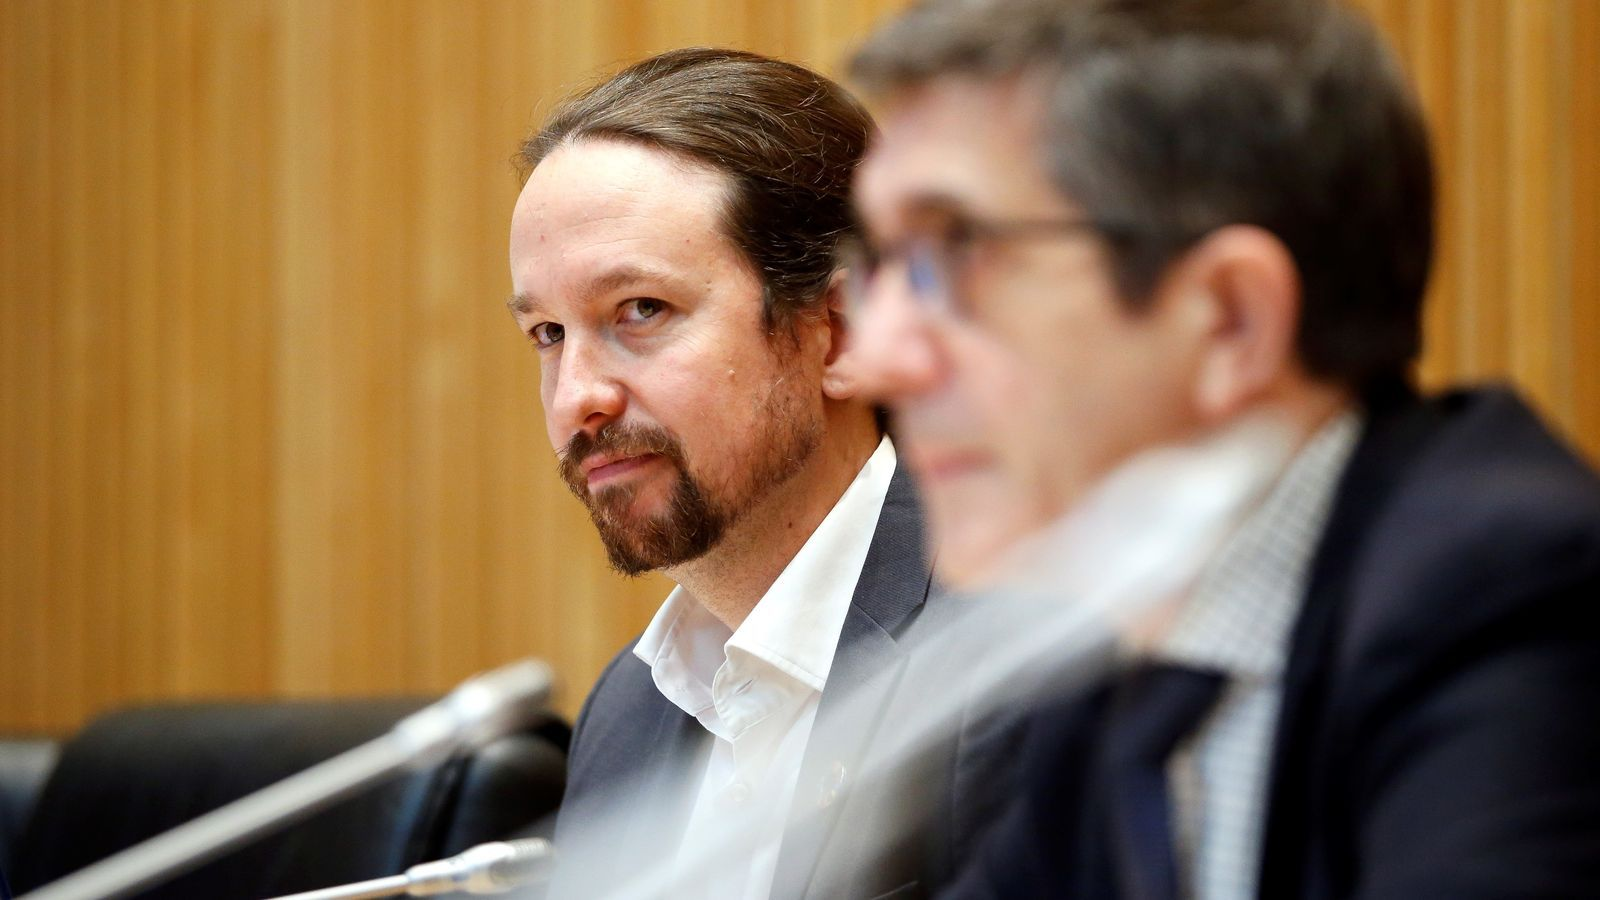 El vicepresident del govern espanyol, Pablo Iglesias, durant la compareixença a la comissió per a la Reconstrucció Social i Econòmica del Congrés.